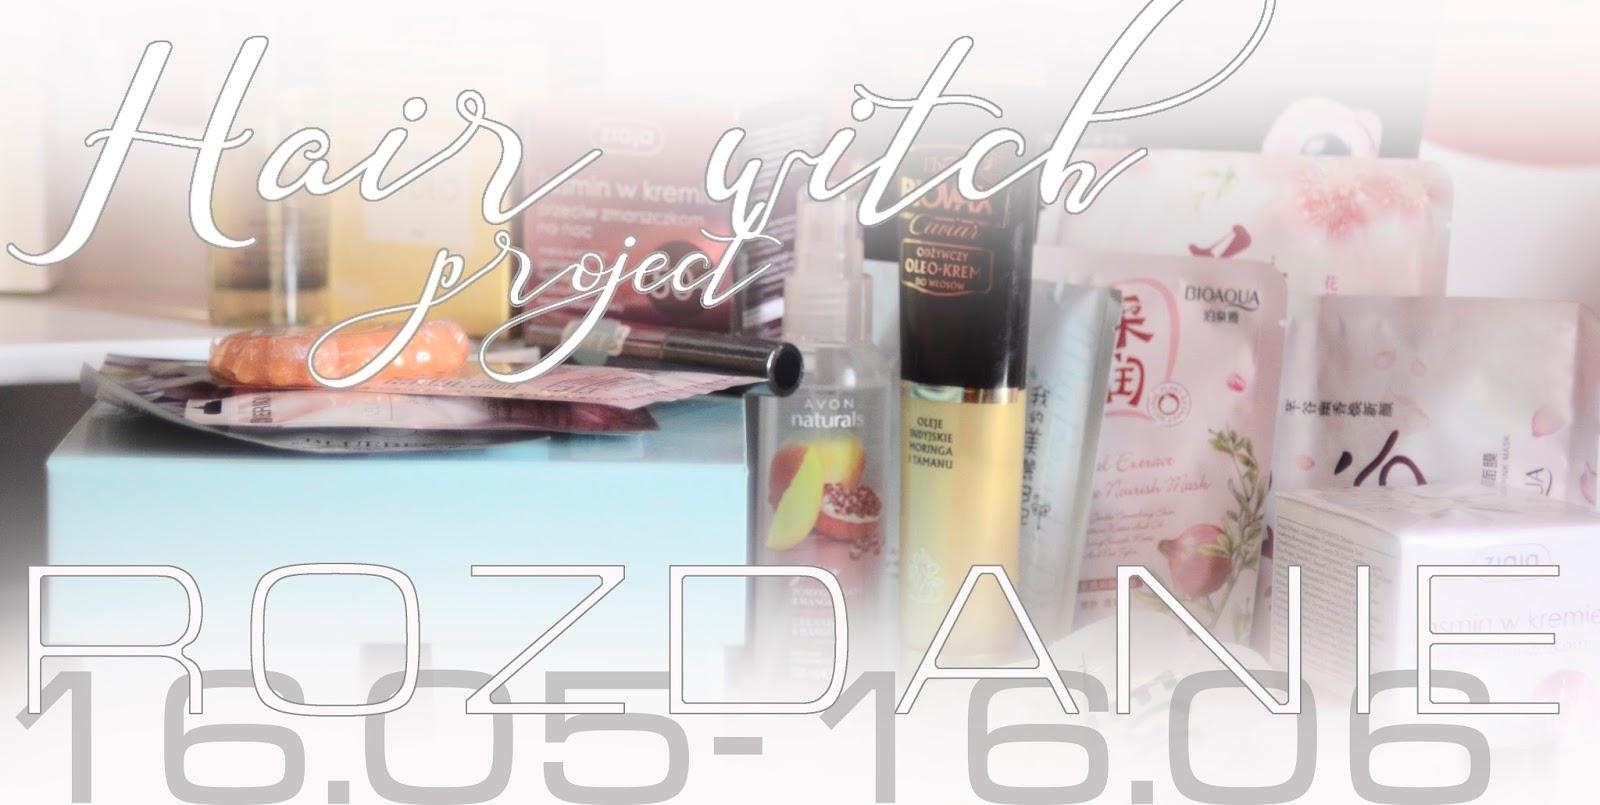 rozdanie | kosmetyki | wygrana | darmowe